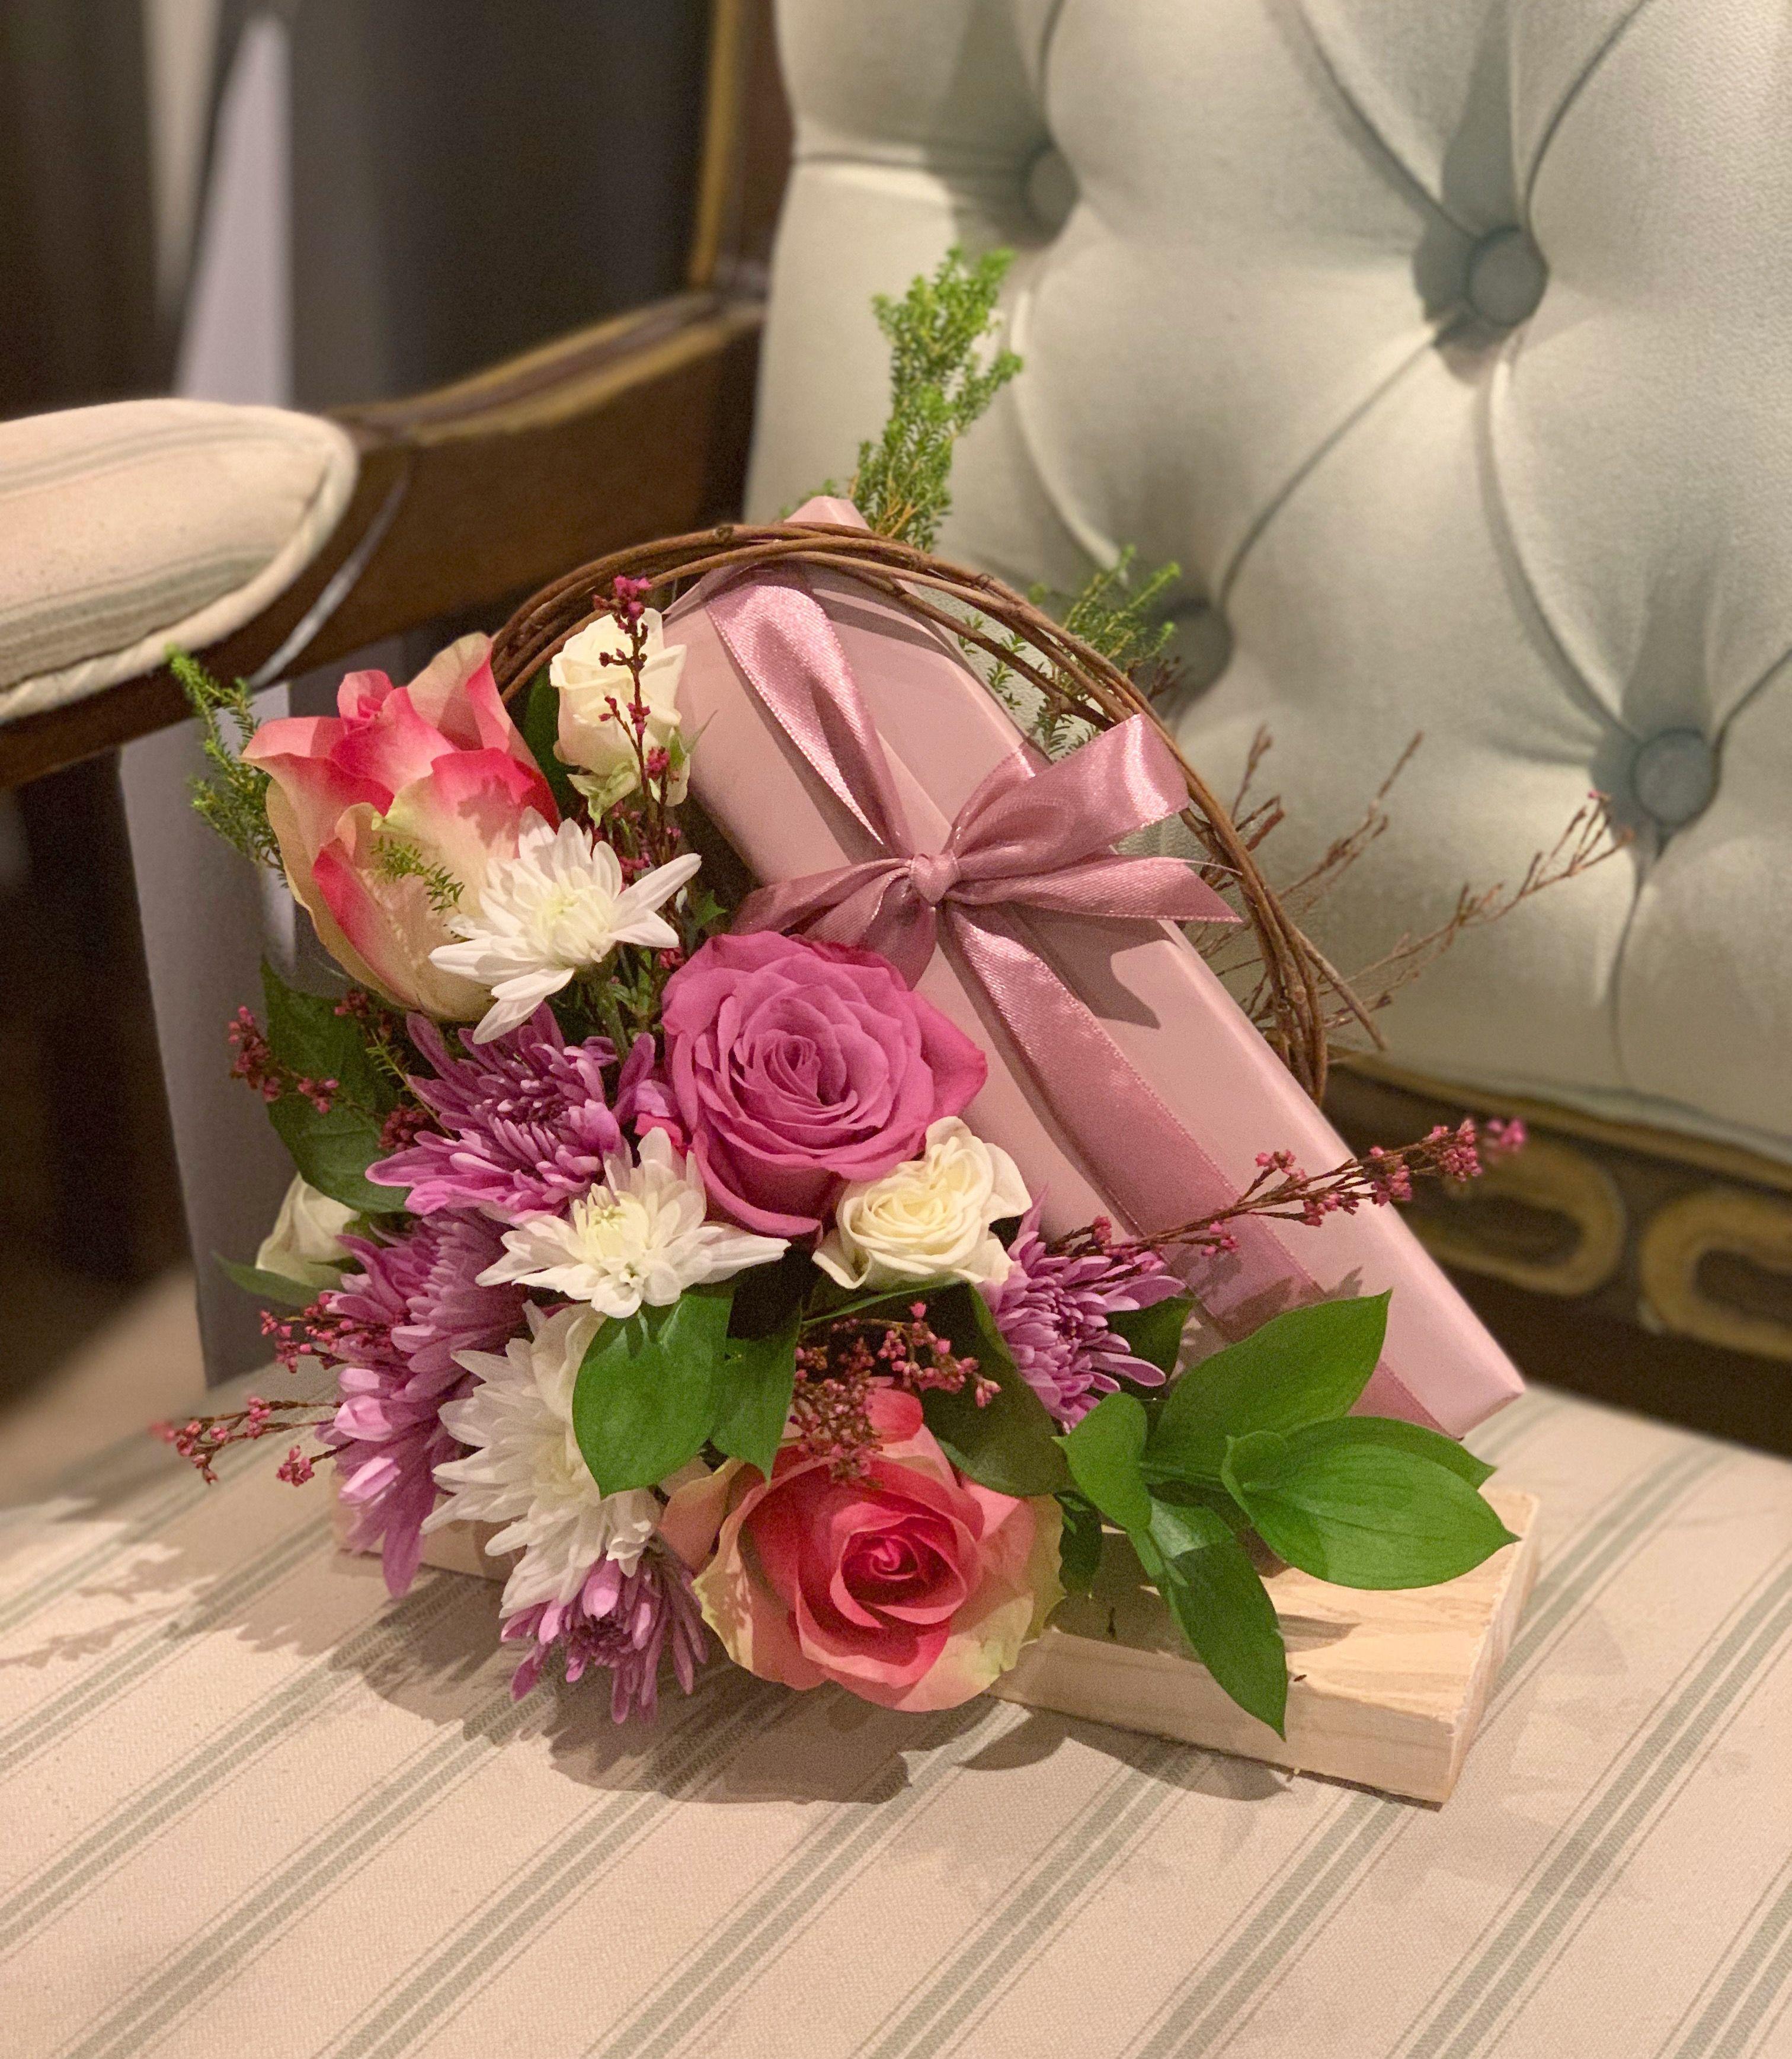 Gift Arrangement By Fiori Bahrain Bh Fiori Flowers Arrangement Wedding Gift Bouquet Arranjosflorais Roses Flowers Bouquet Table Decorations Flowers